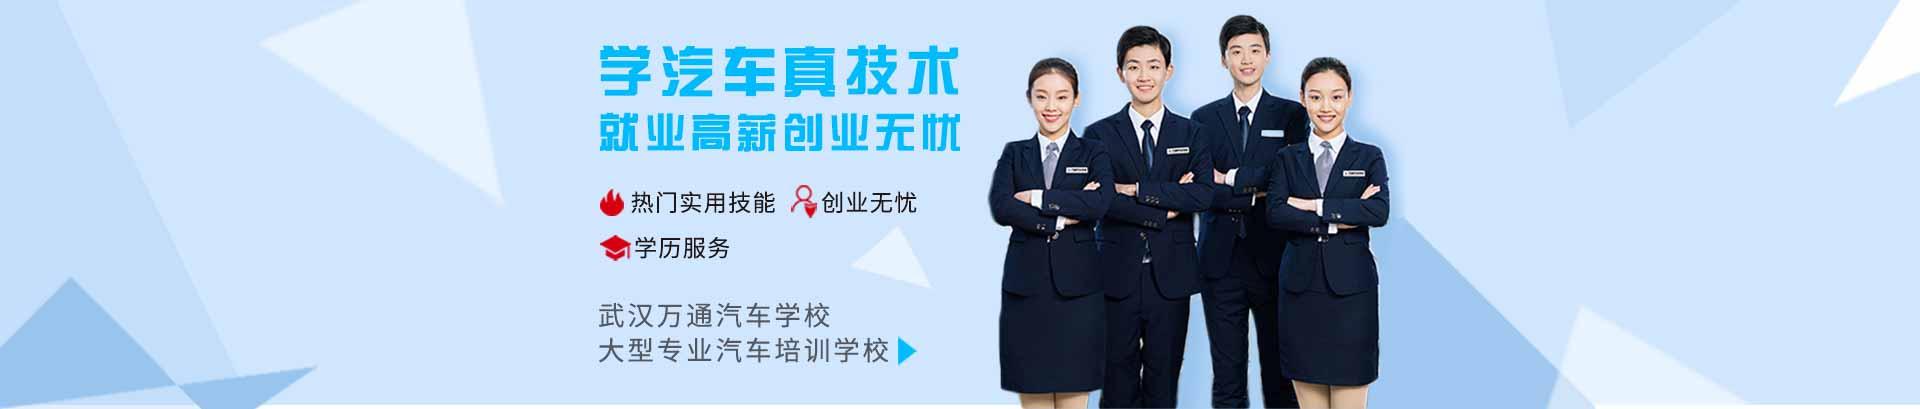 学汽车真技术-武汉万通汽修学校